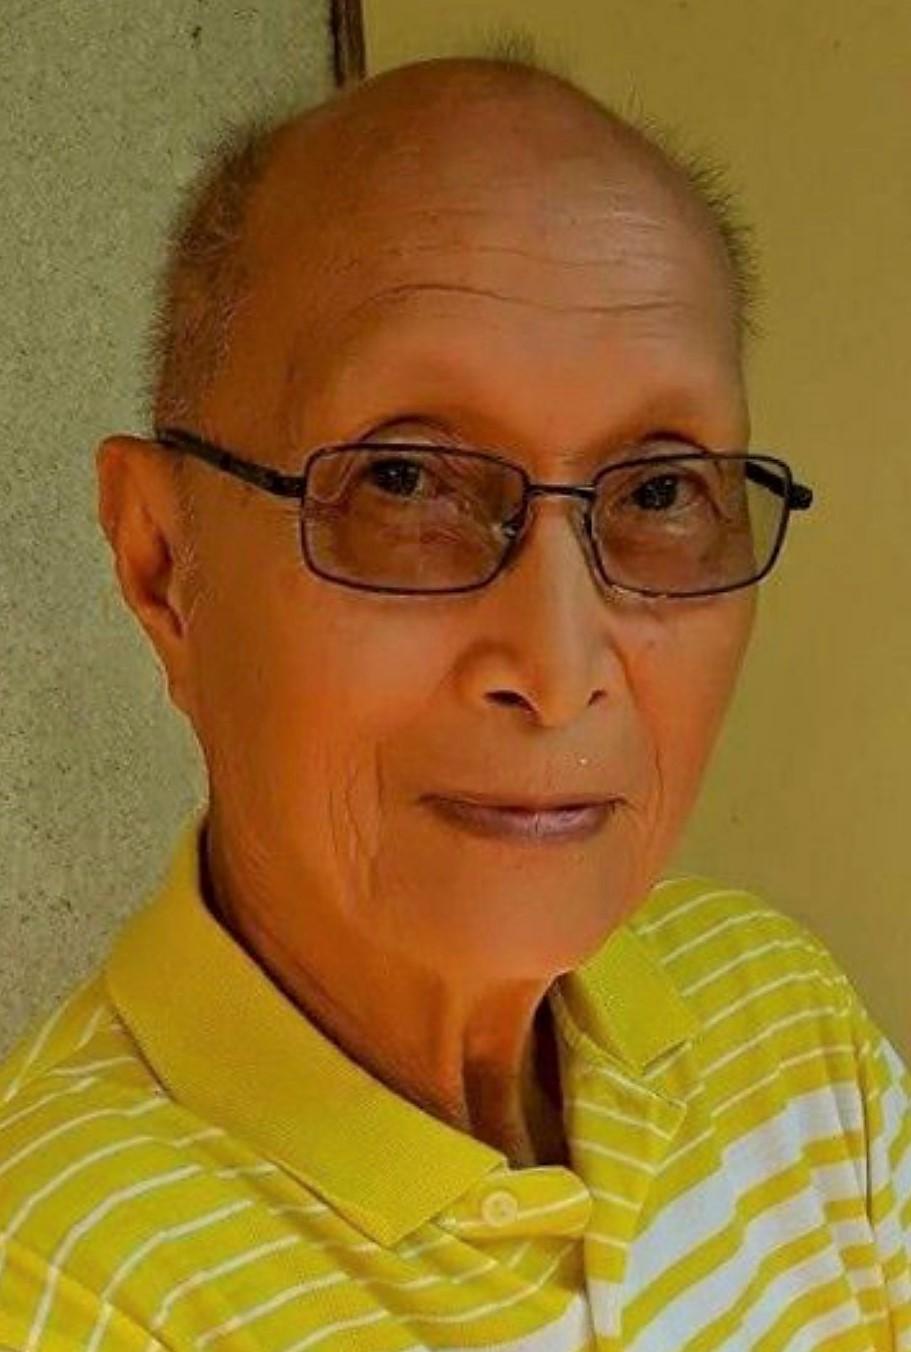 The Rev. Guillermo Bergado